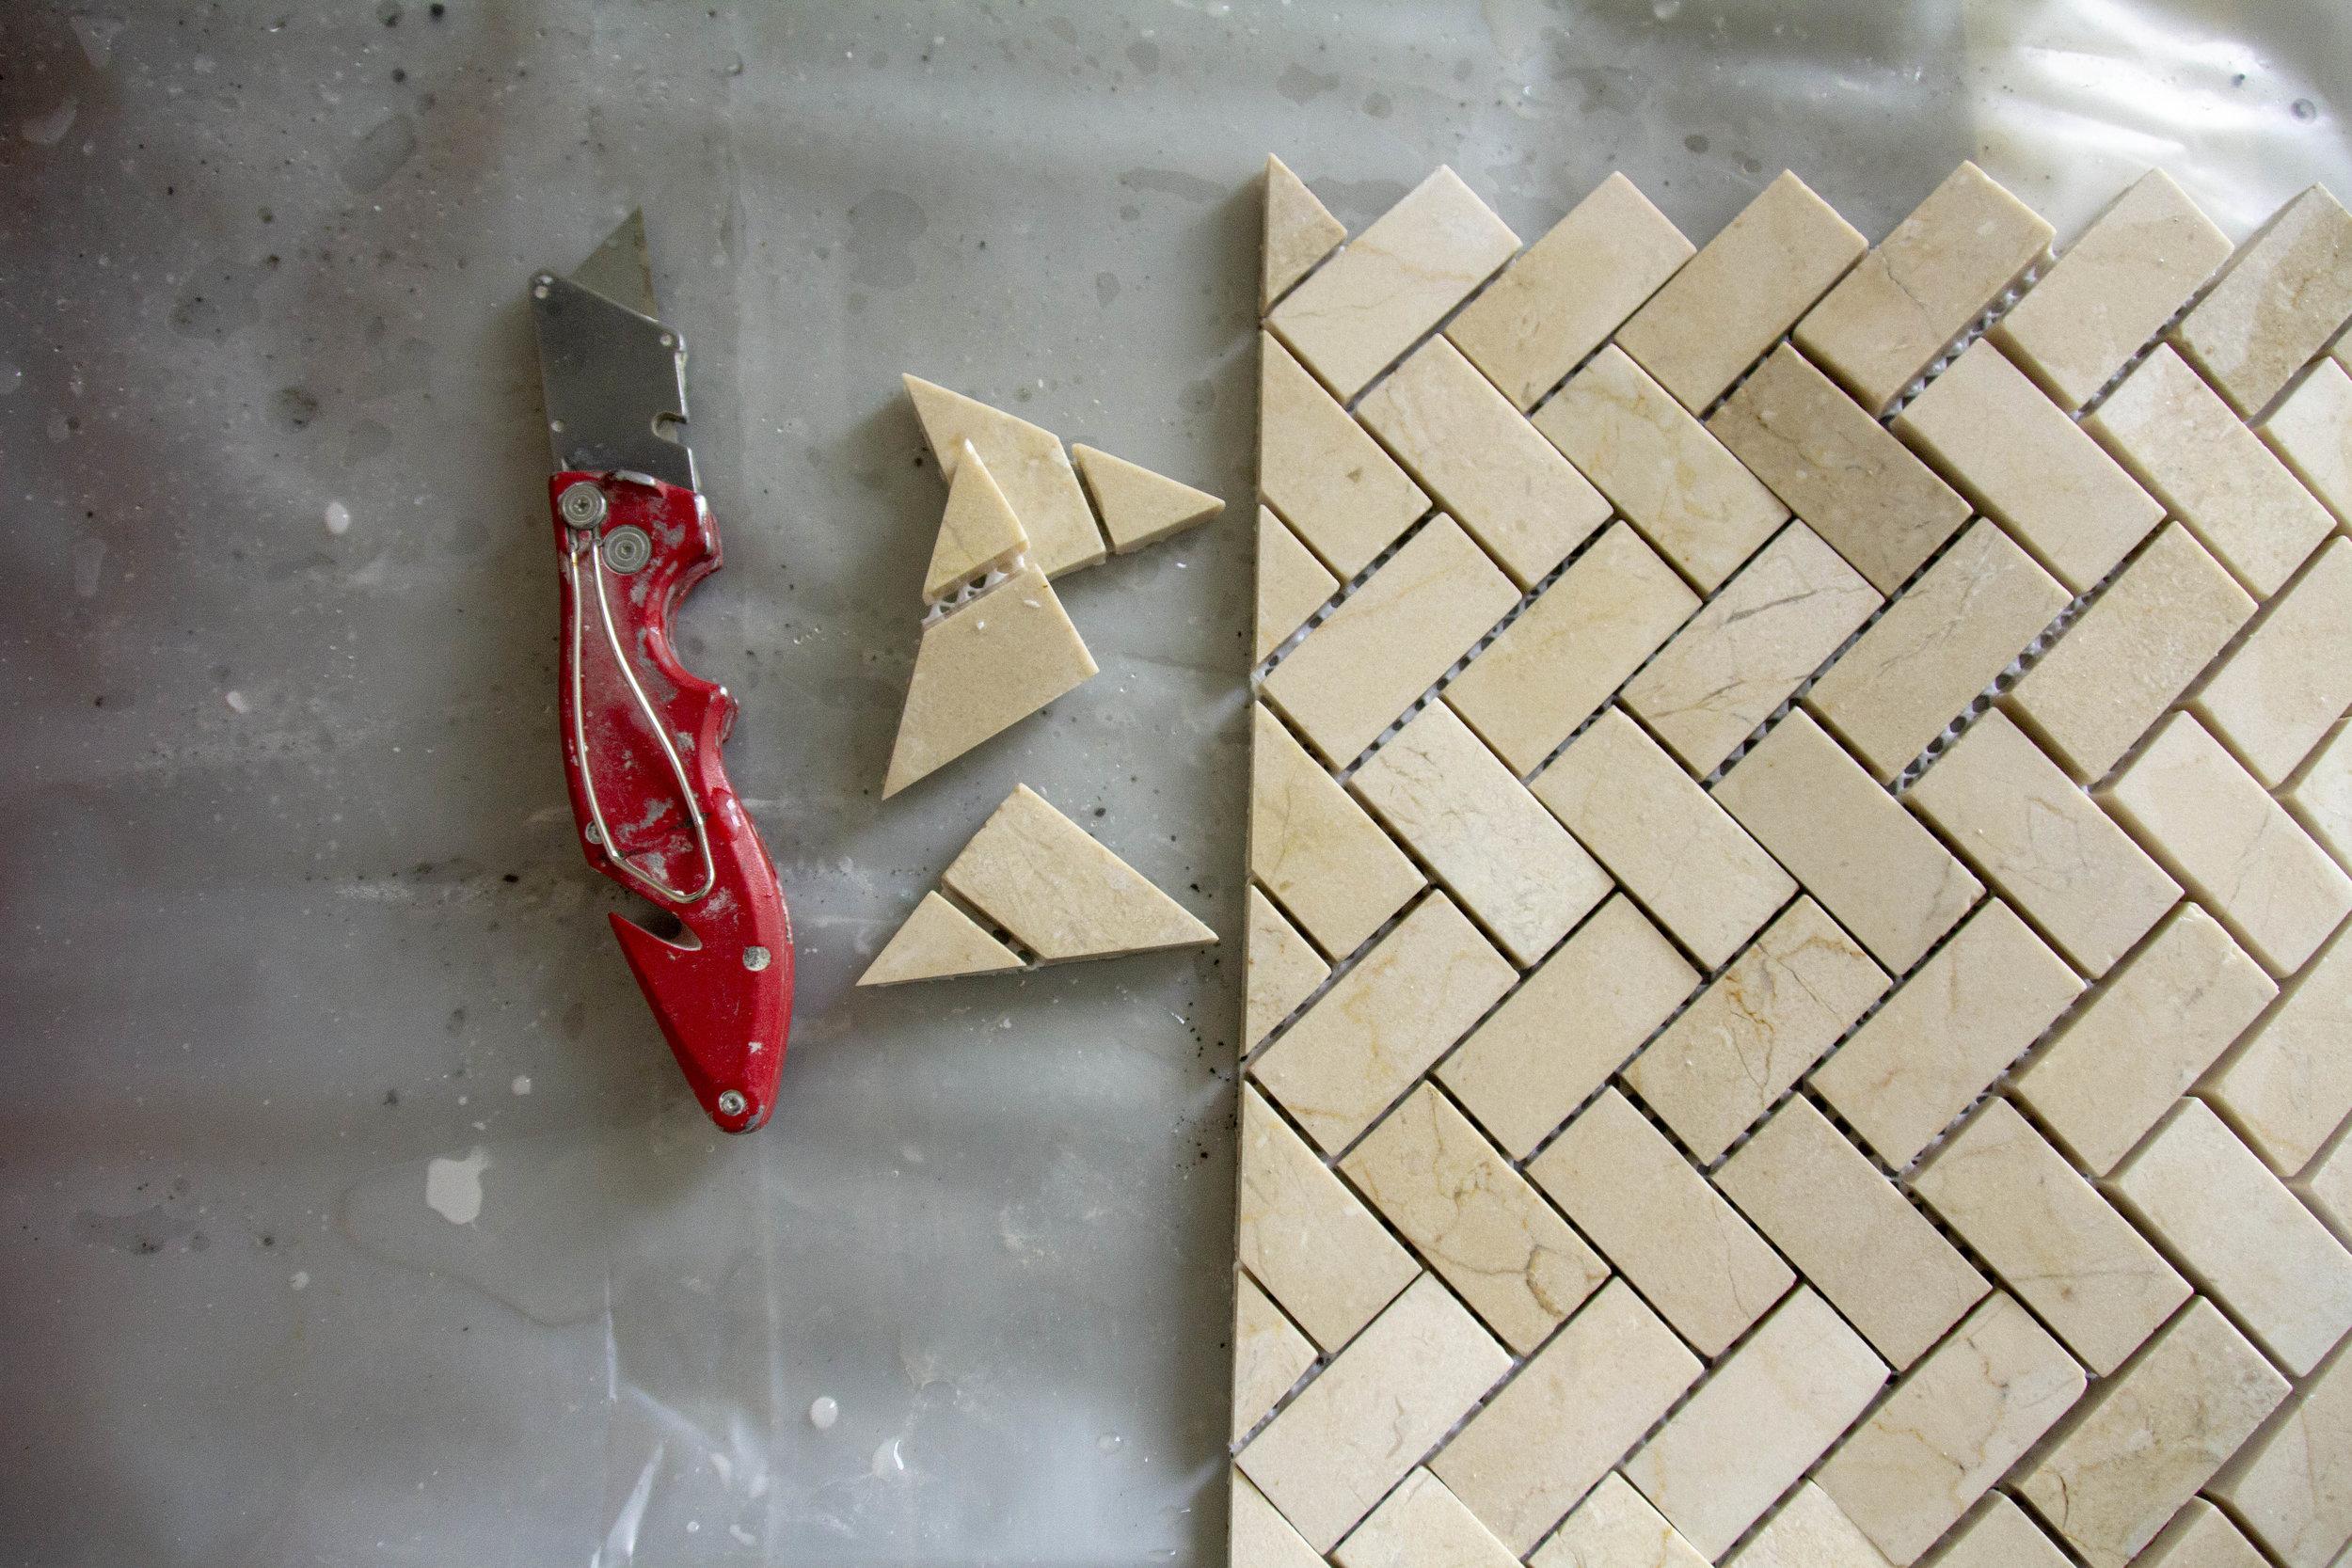 Tiles and razor knife 2.jpg